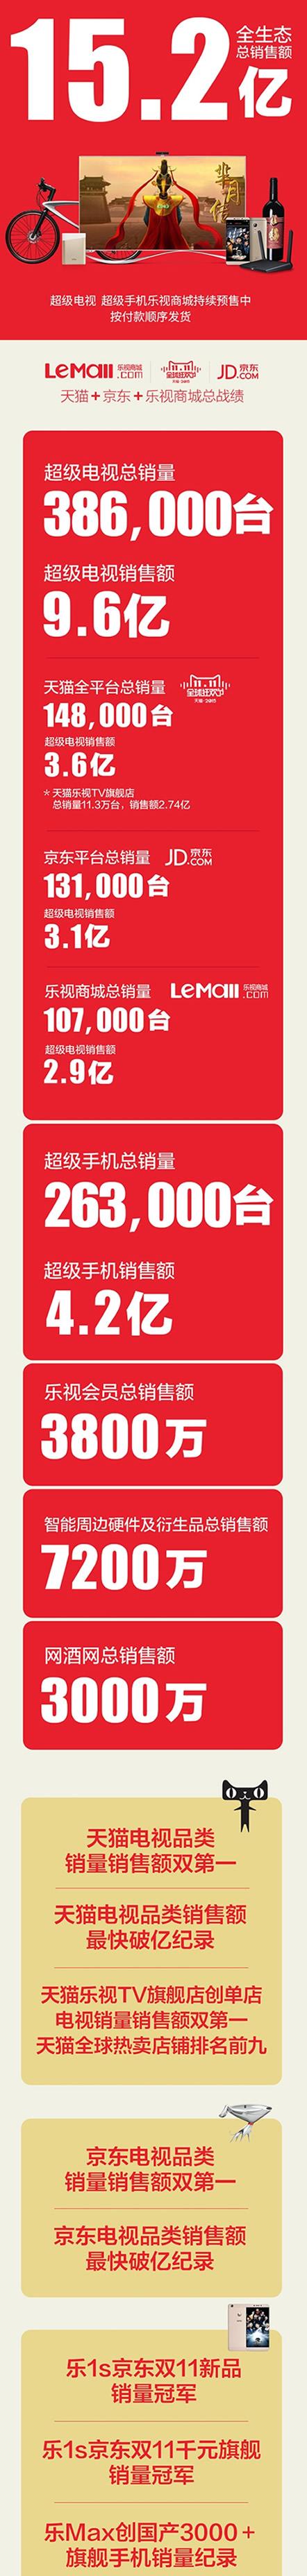 樂視雙11銷售總額破15億超級電視稱雄